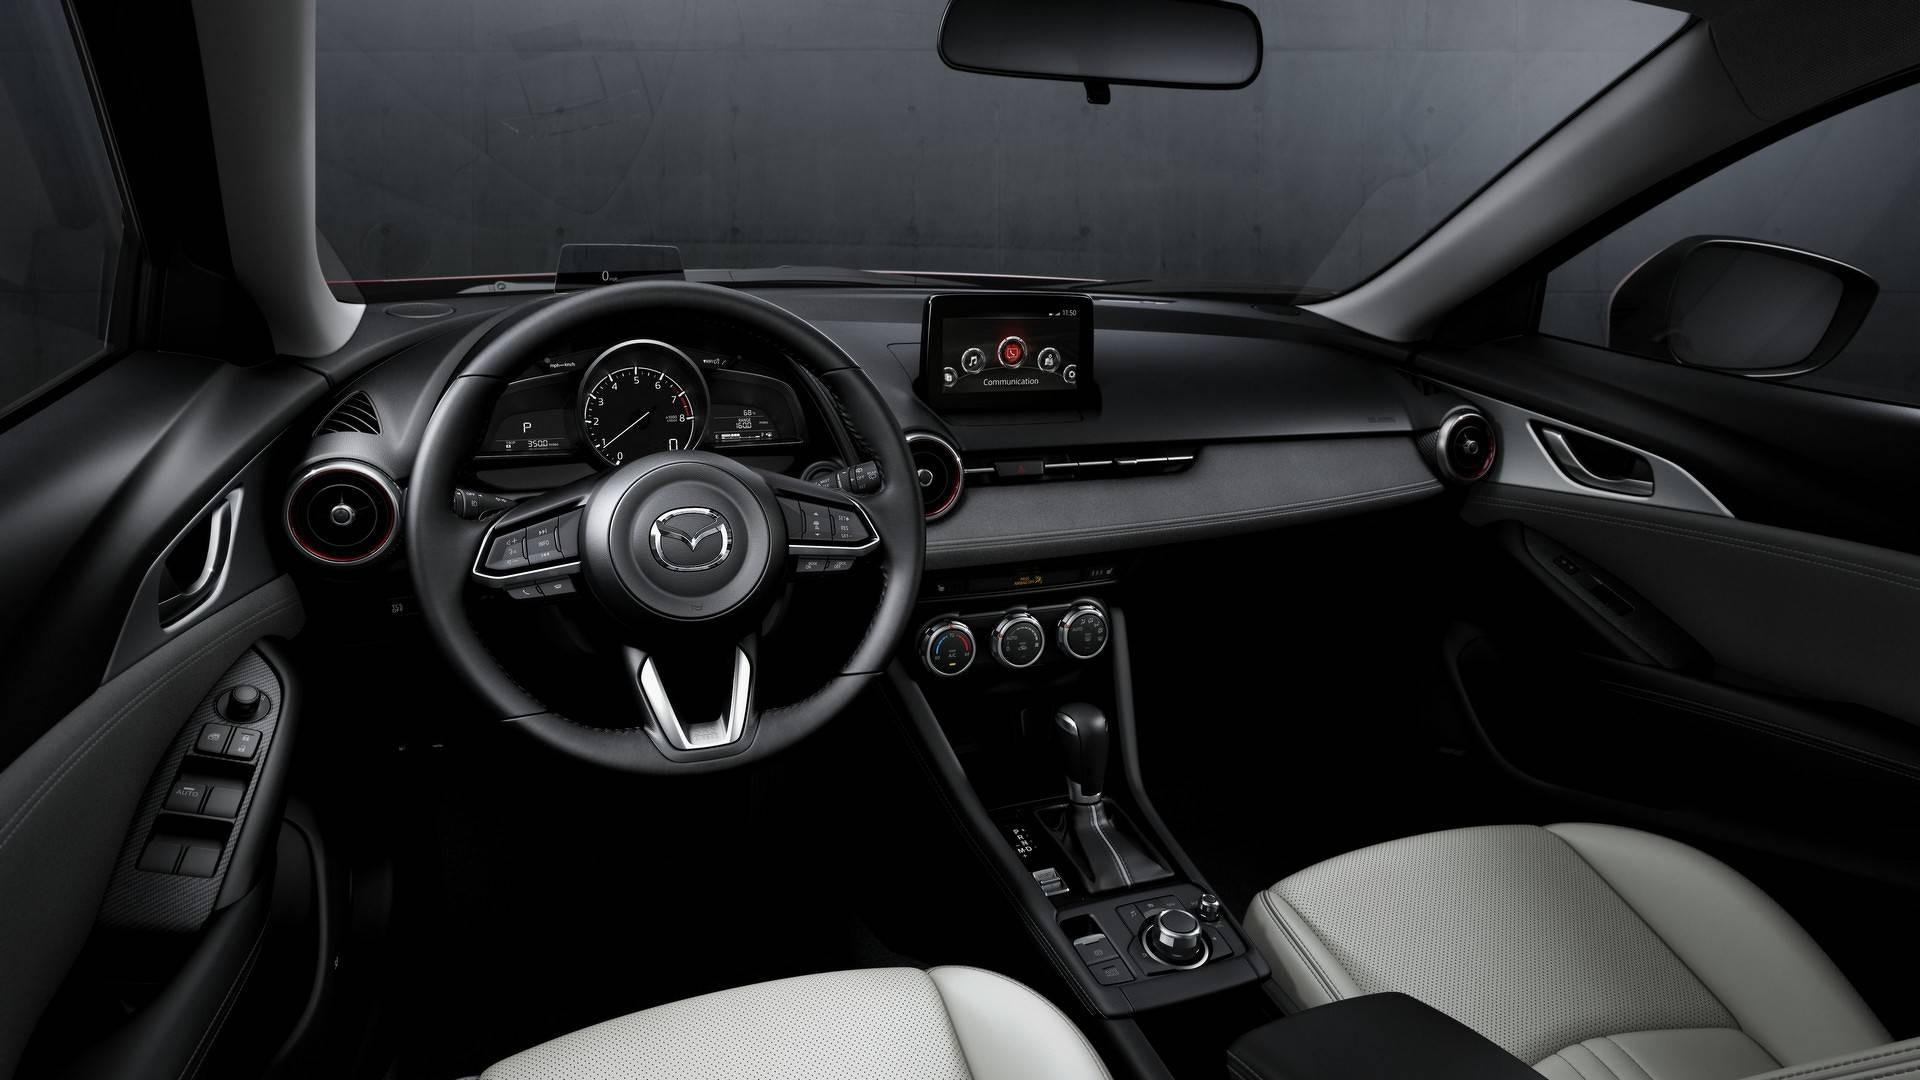 مراجعة أبرز مميزات مازدا Cx 5 2019 السيارات الموقع العربي الأول للسيارات